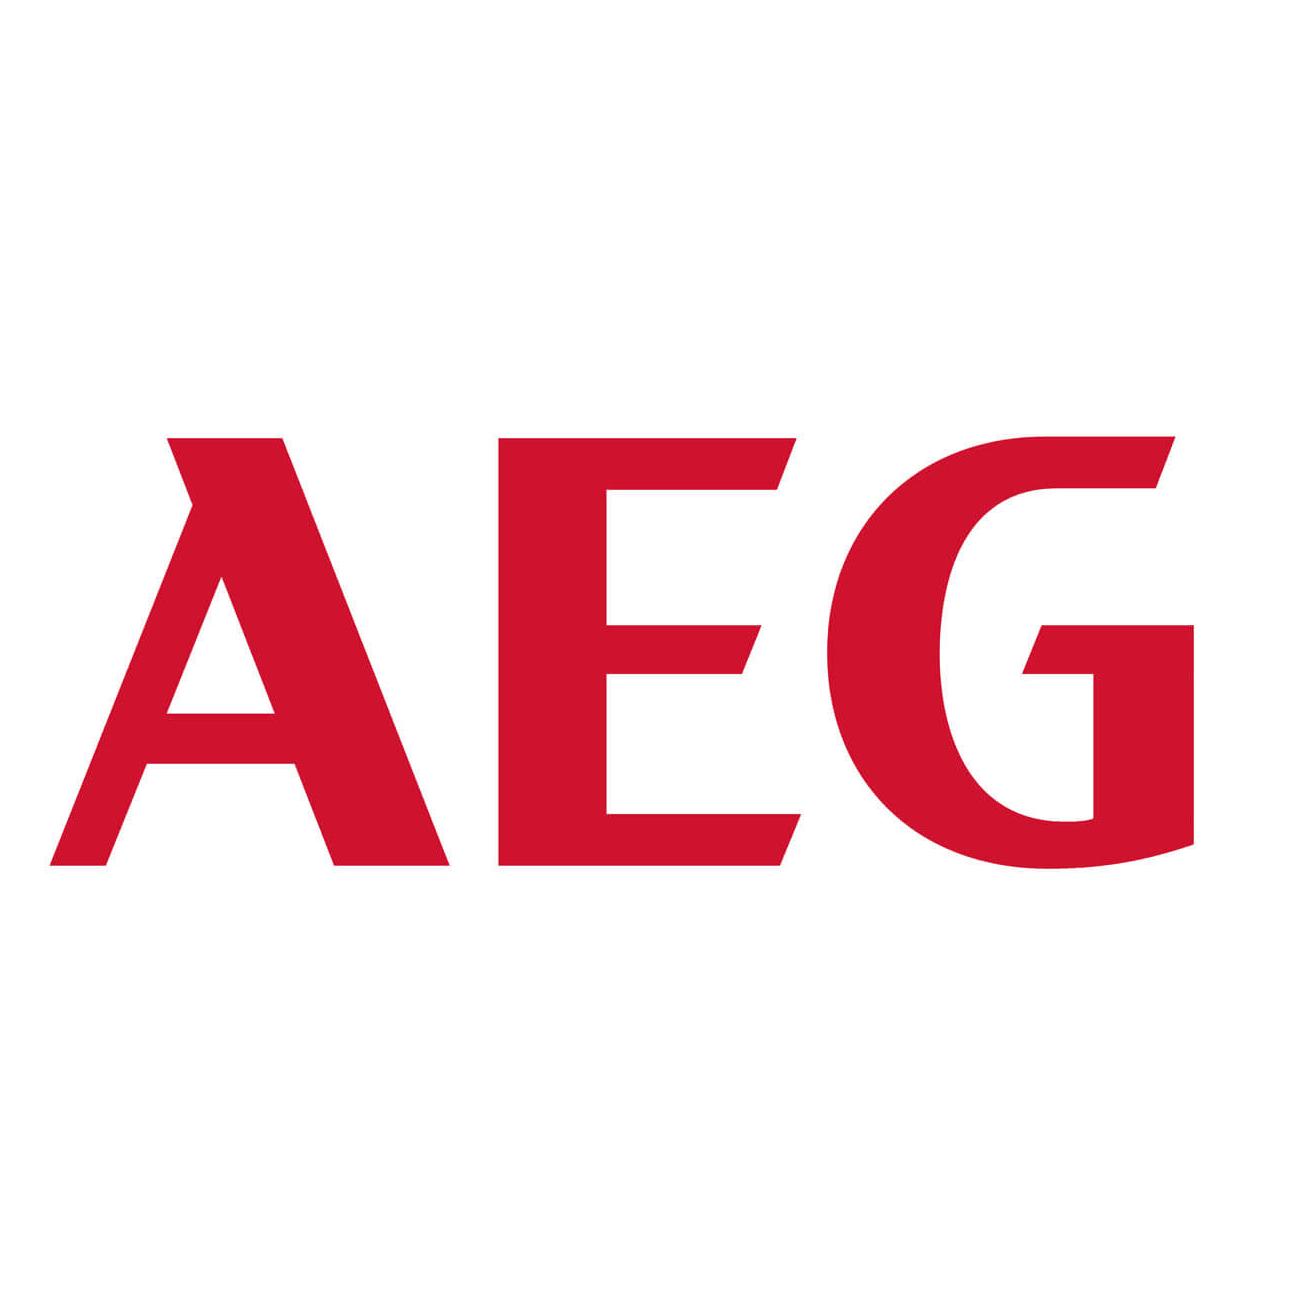 AEG_square